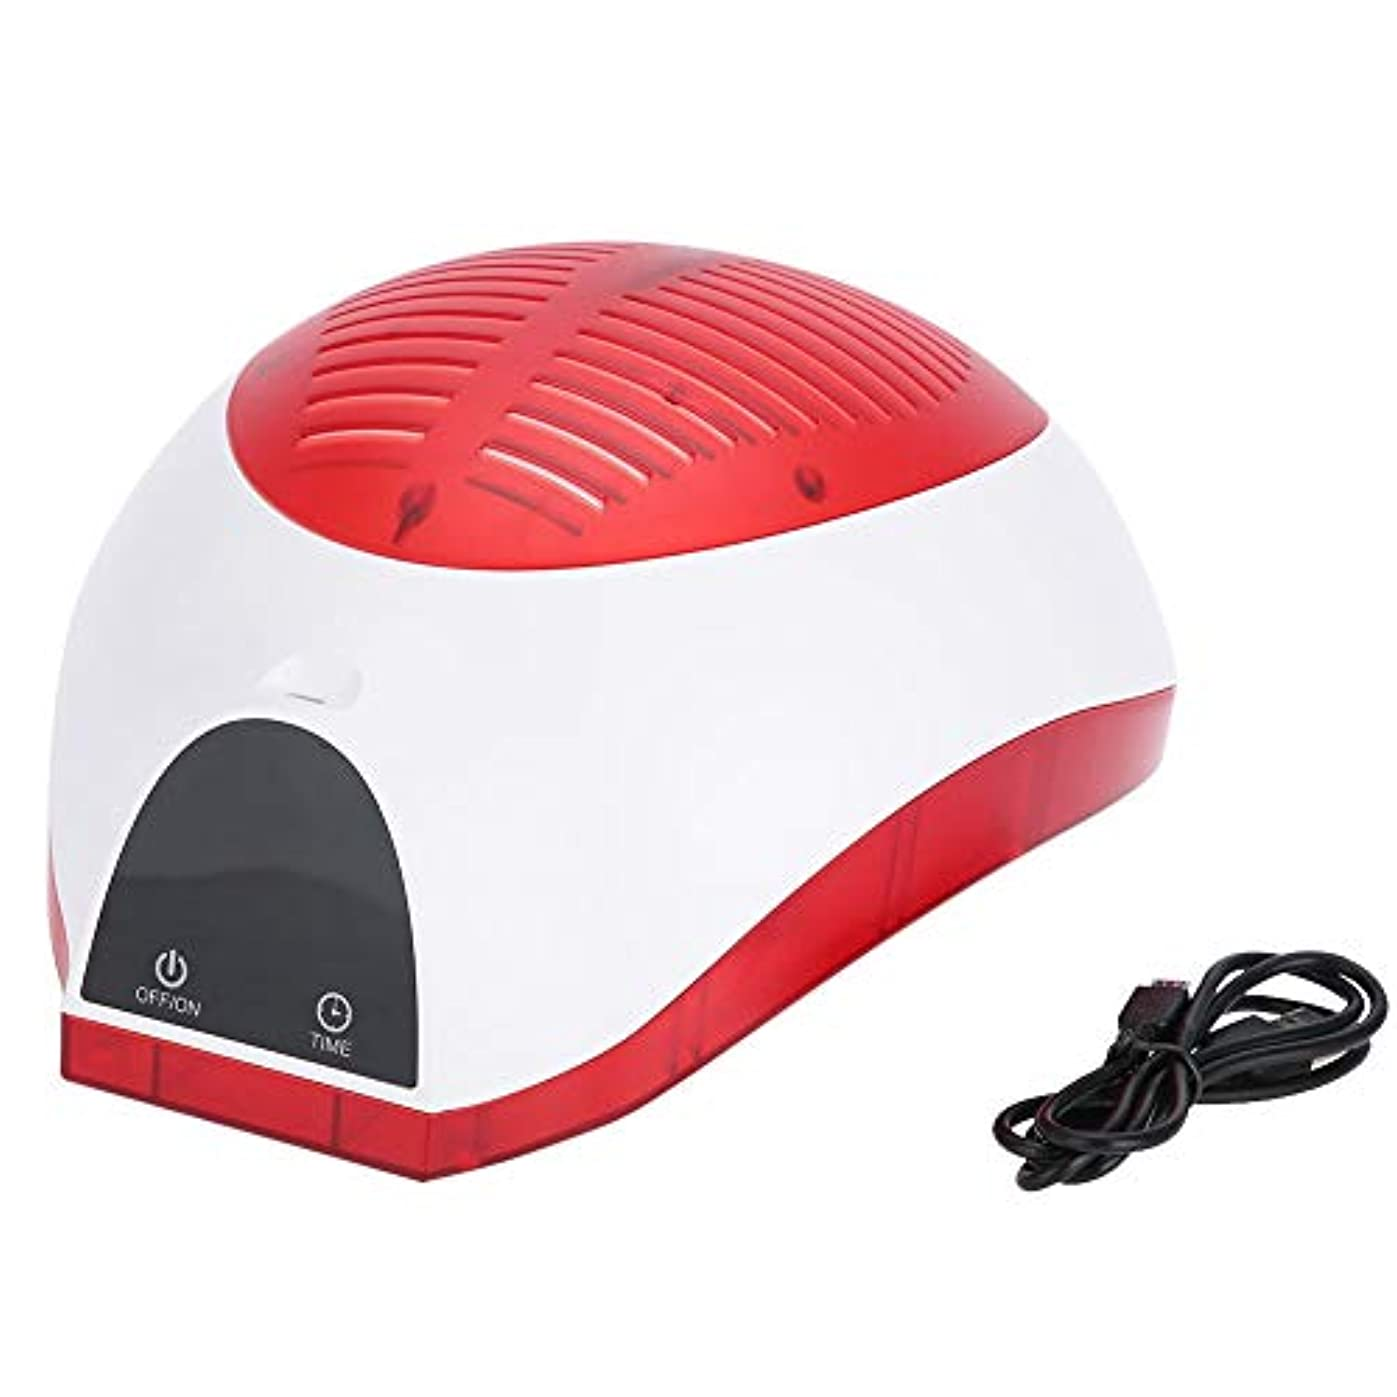 スツールスペース細胞レーザー発毛、USB発毛再成長ヘルメット脱毛キャップの削減ヘアトリートメントキャップヘルメット、脱毛治療、ヘアグロー